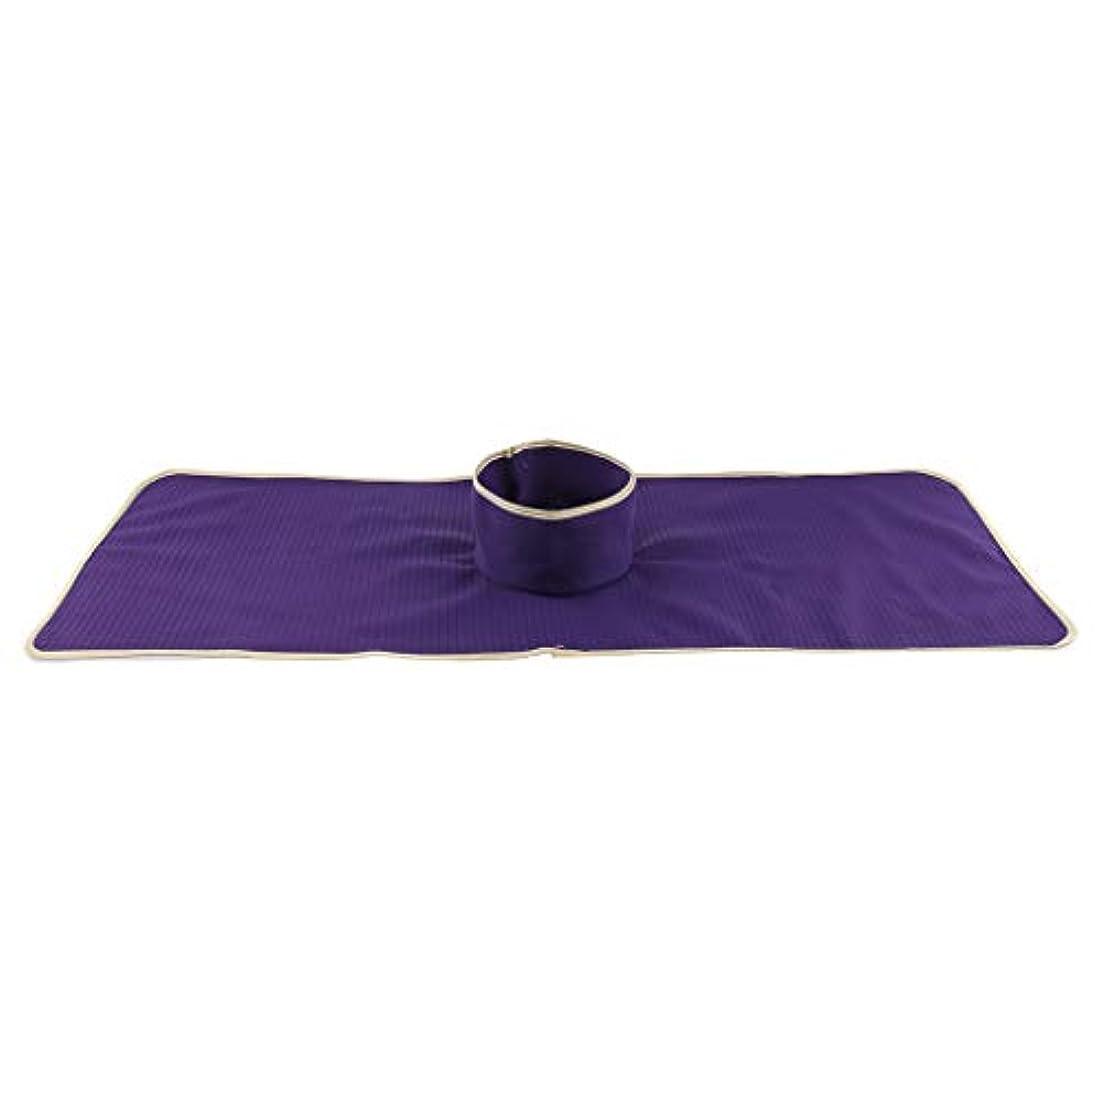 ブリード動本物FLAMEER マッサージのベッド用 パッド マット 顔の穴付き 洗える 約90×35cm 全3色 - 紫